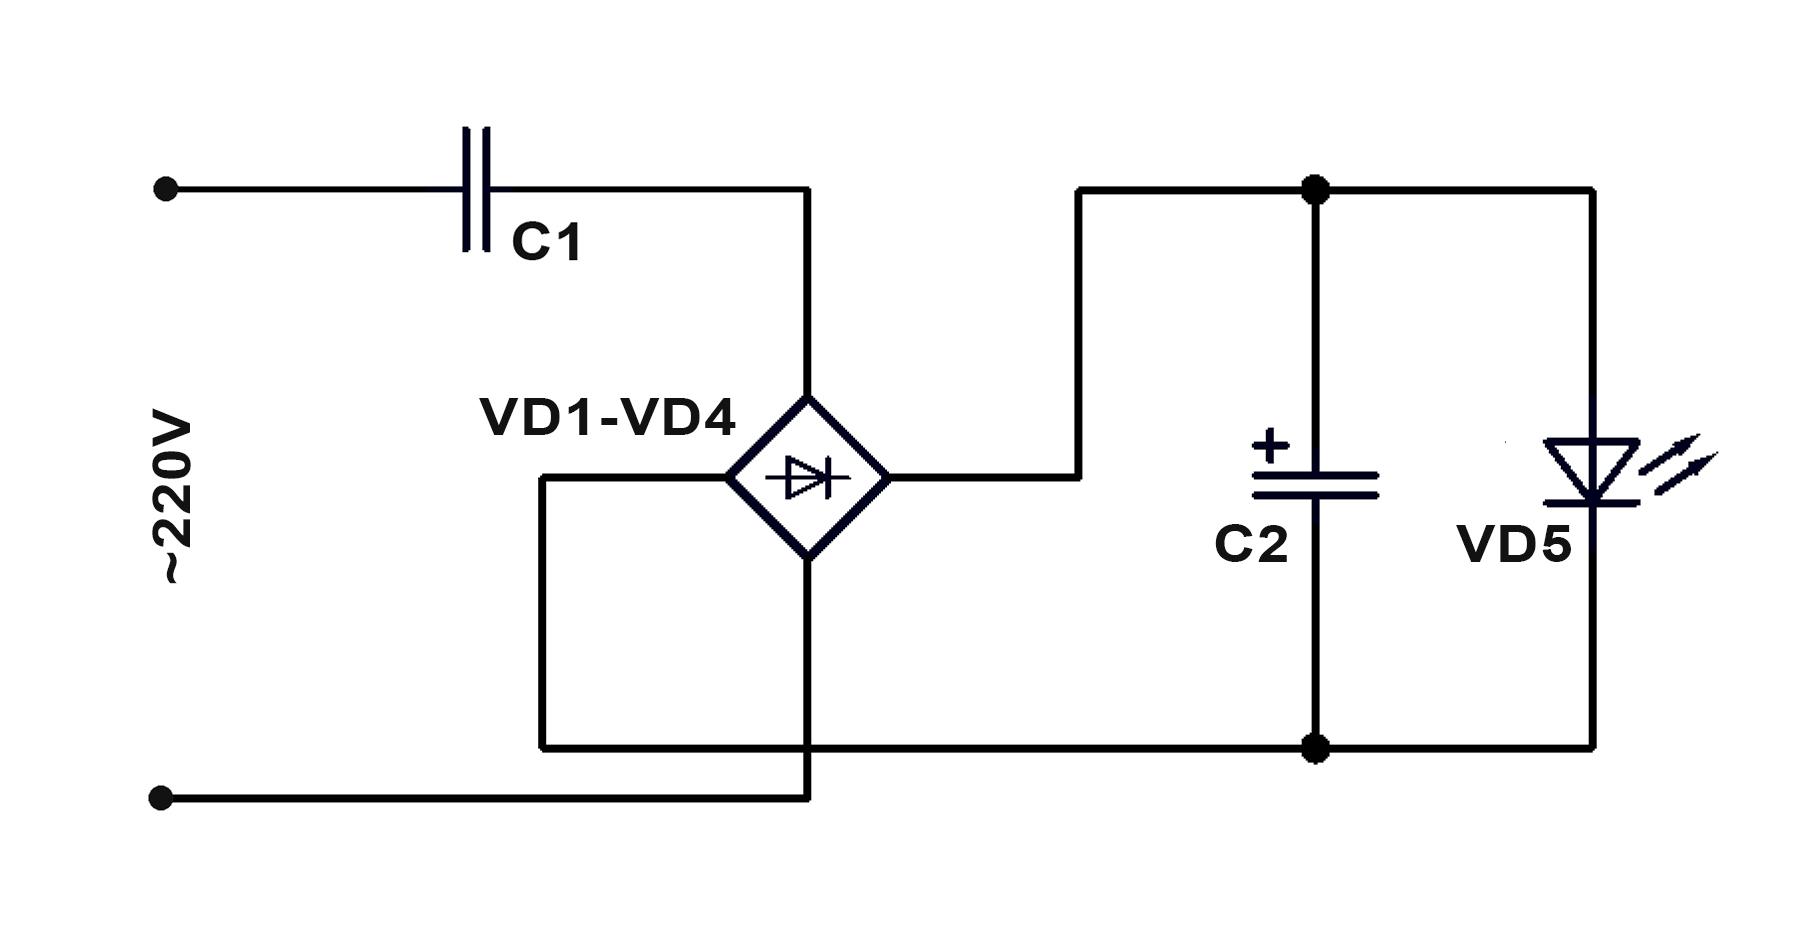 Схема подключения светодиода к 220 В через балластный конденсатор